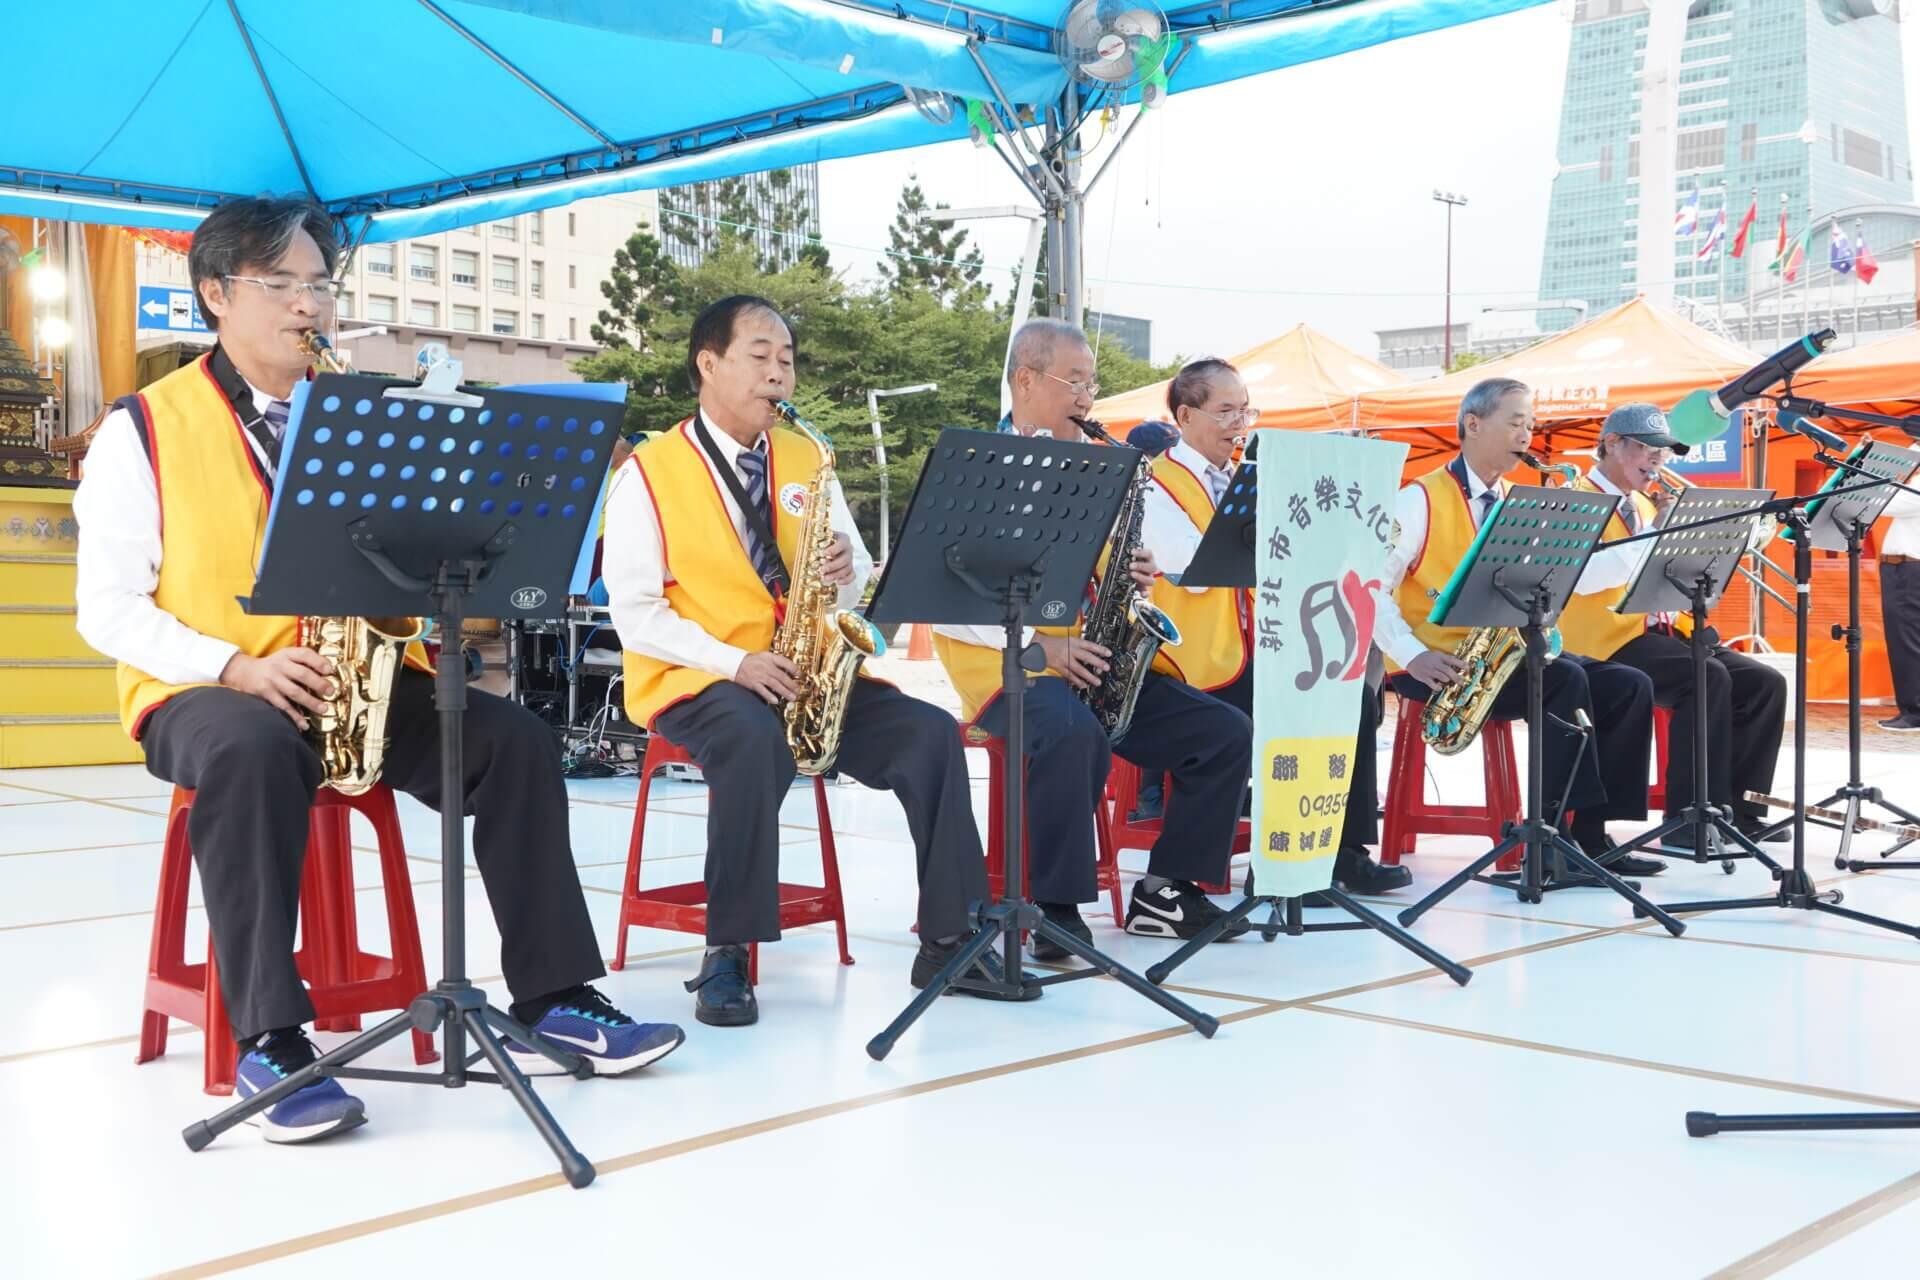 行動佛殿112站台北市政府,新北市音樂文化協會公益演出